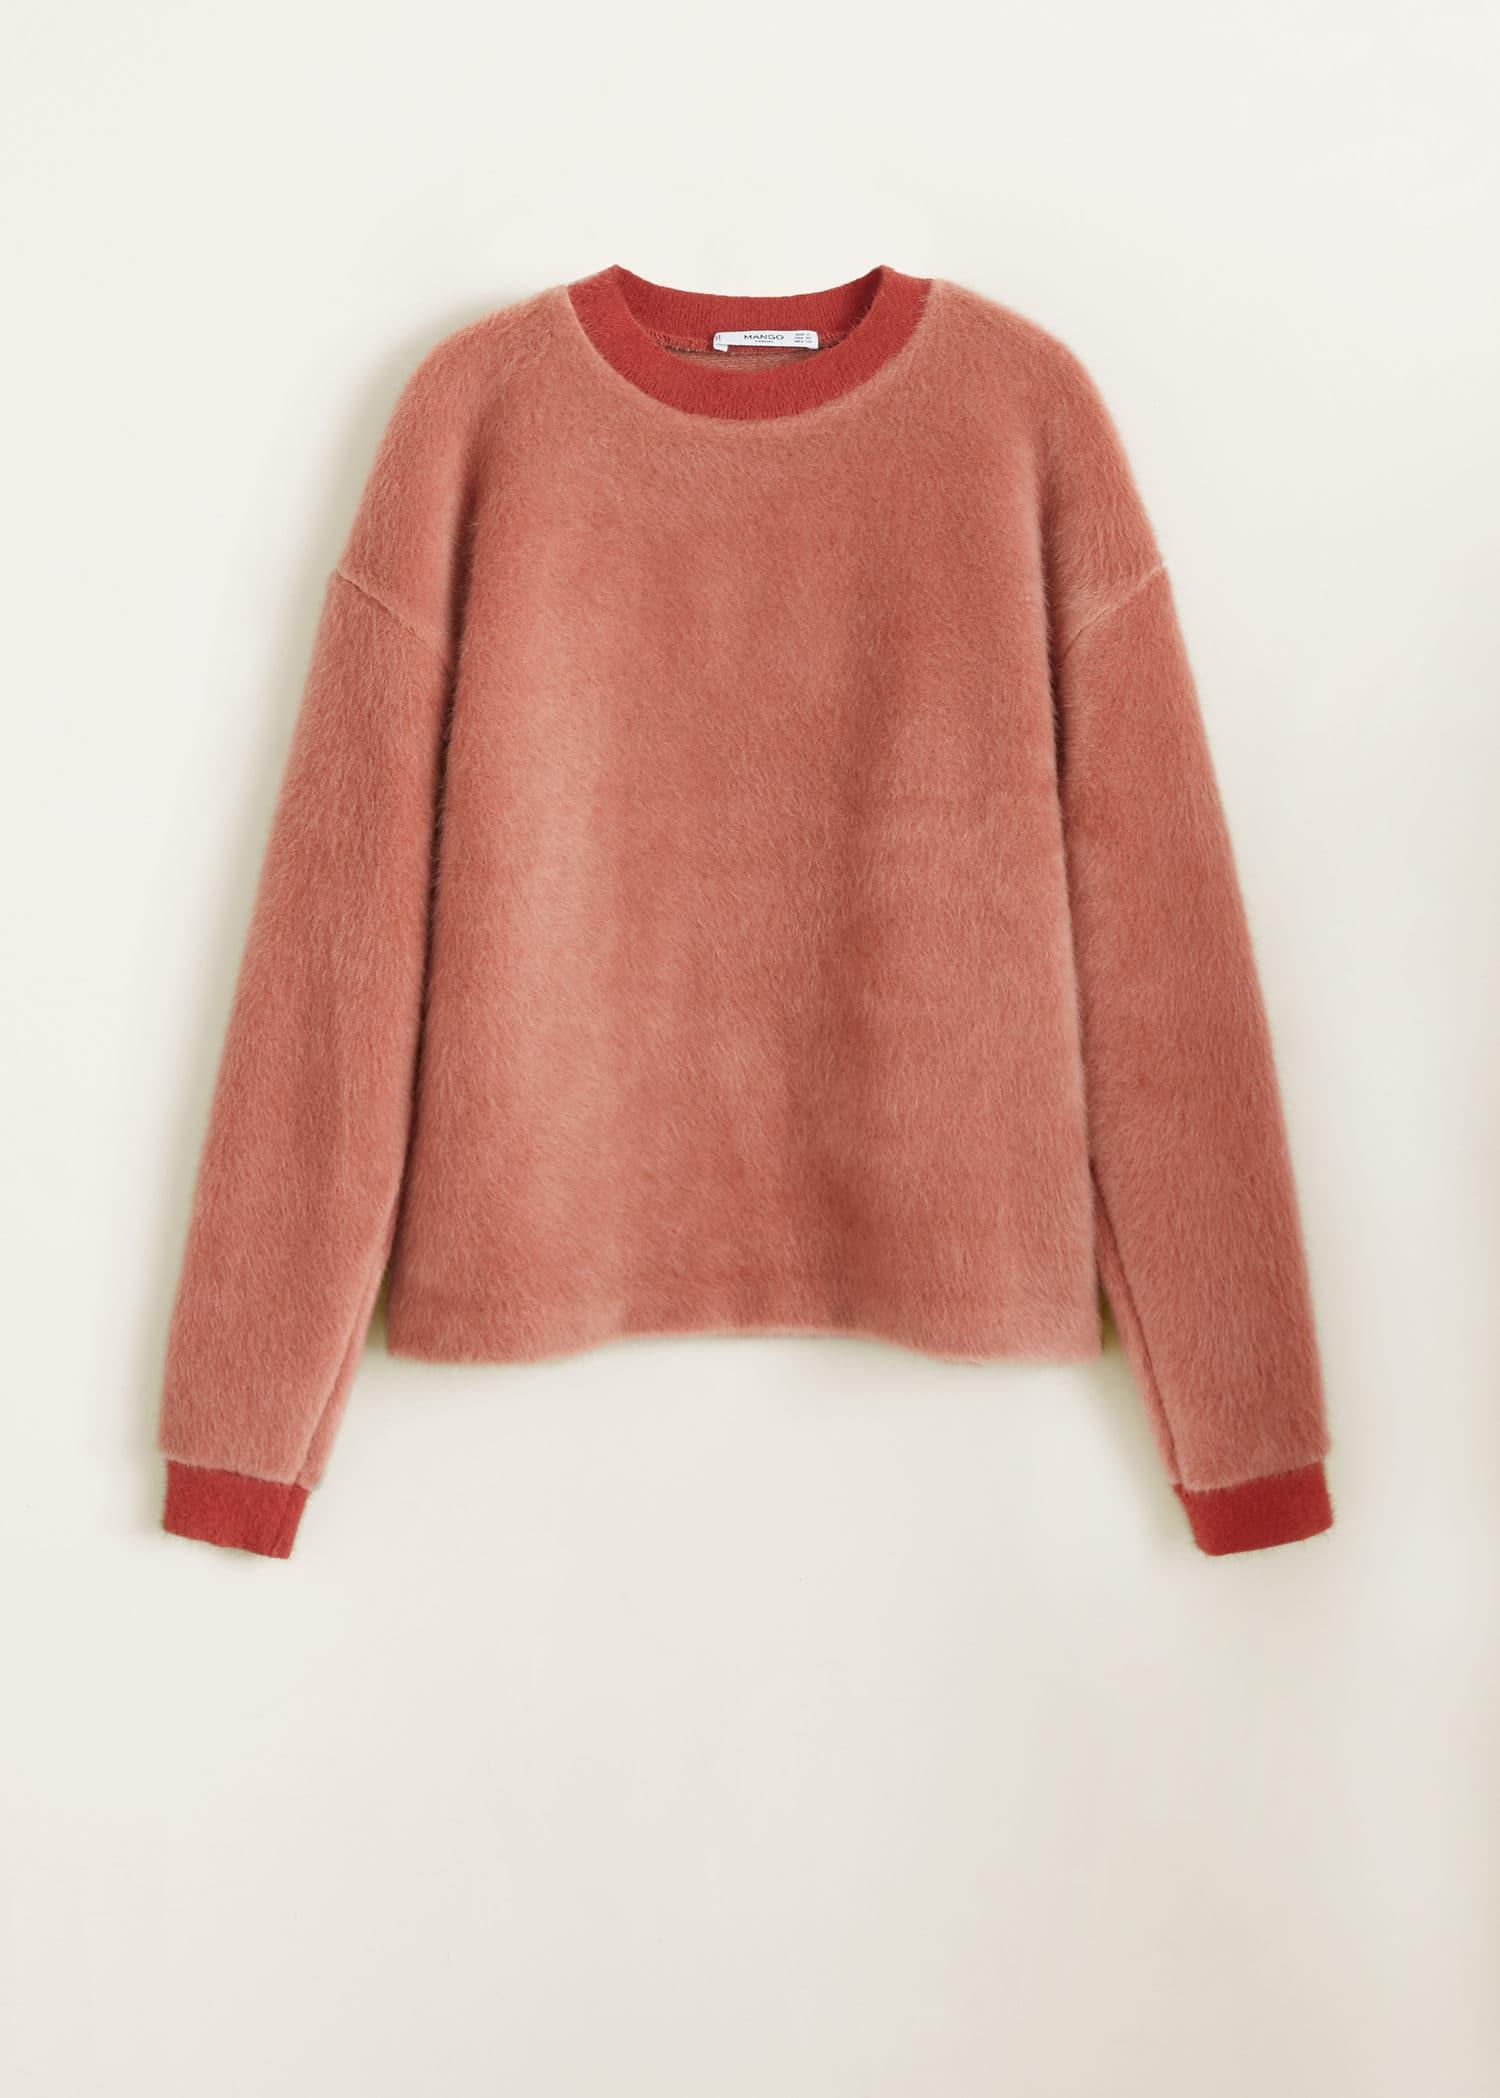 Kunstfell sweatshirt Damen | Mango Deutschland